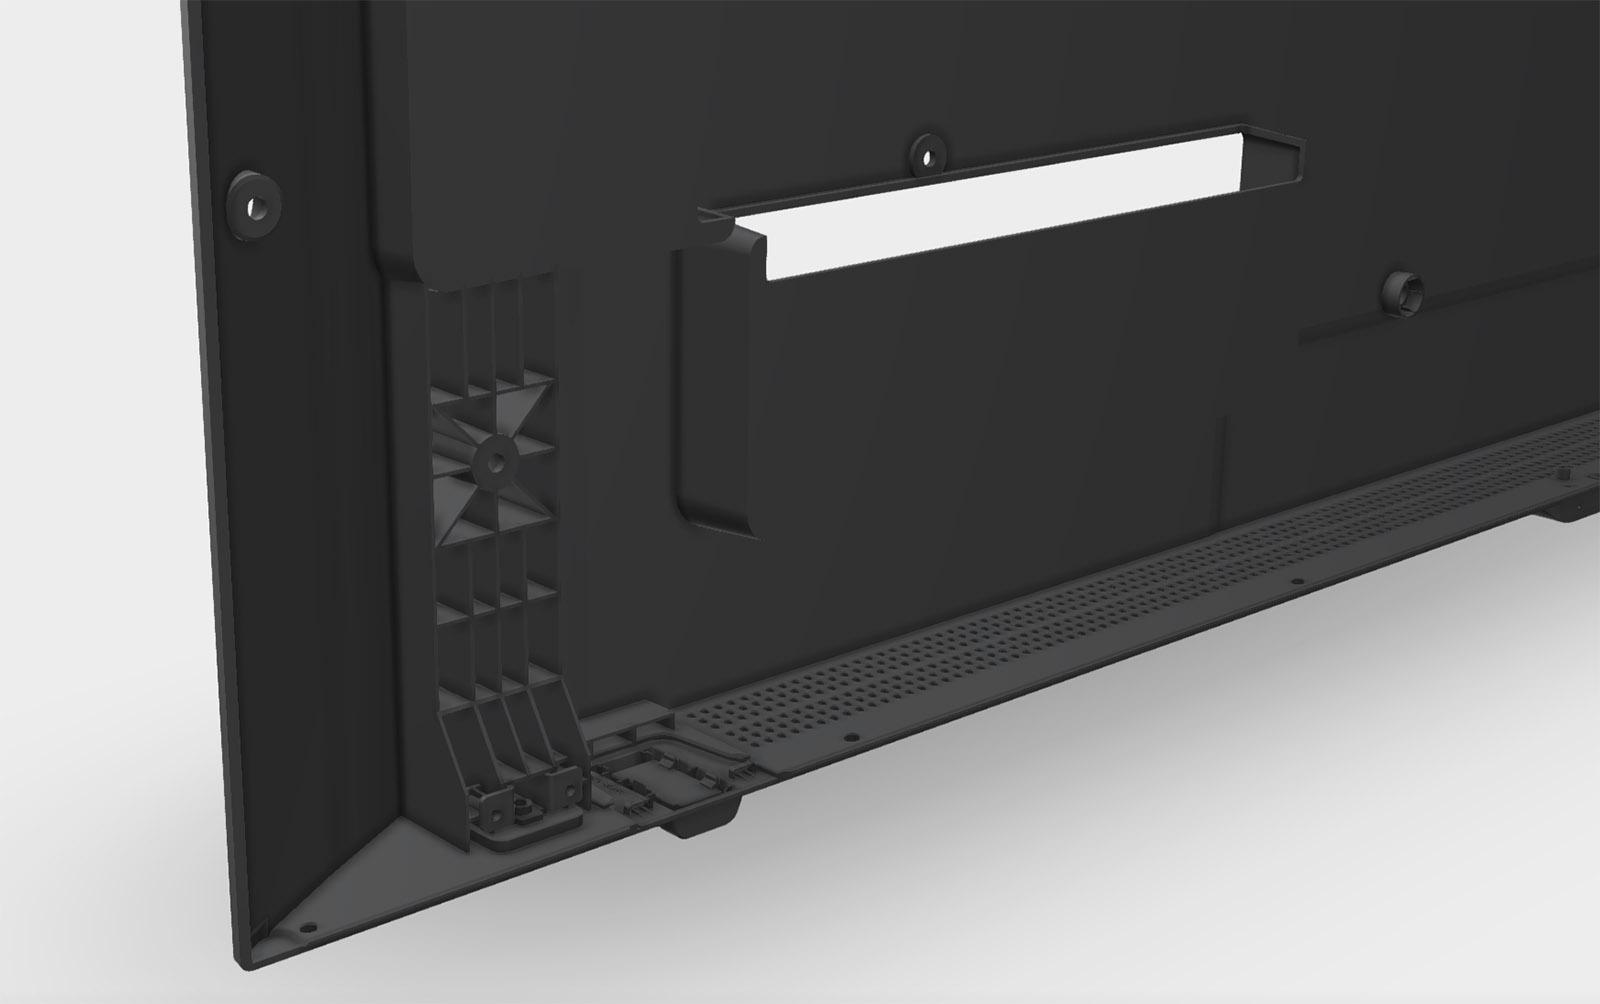 KIVI показала образцы дизайна новой линейки телевизоров 2021 года до официальной презентации